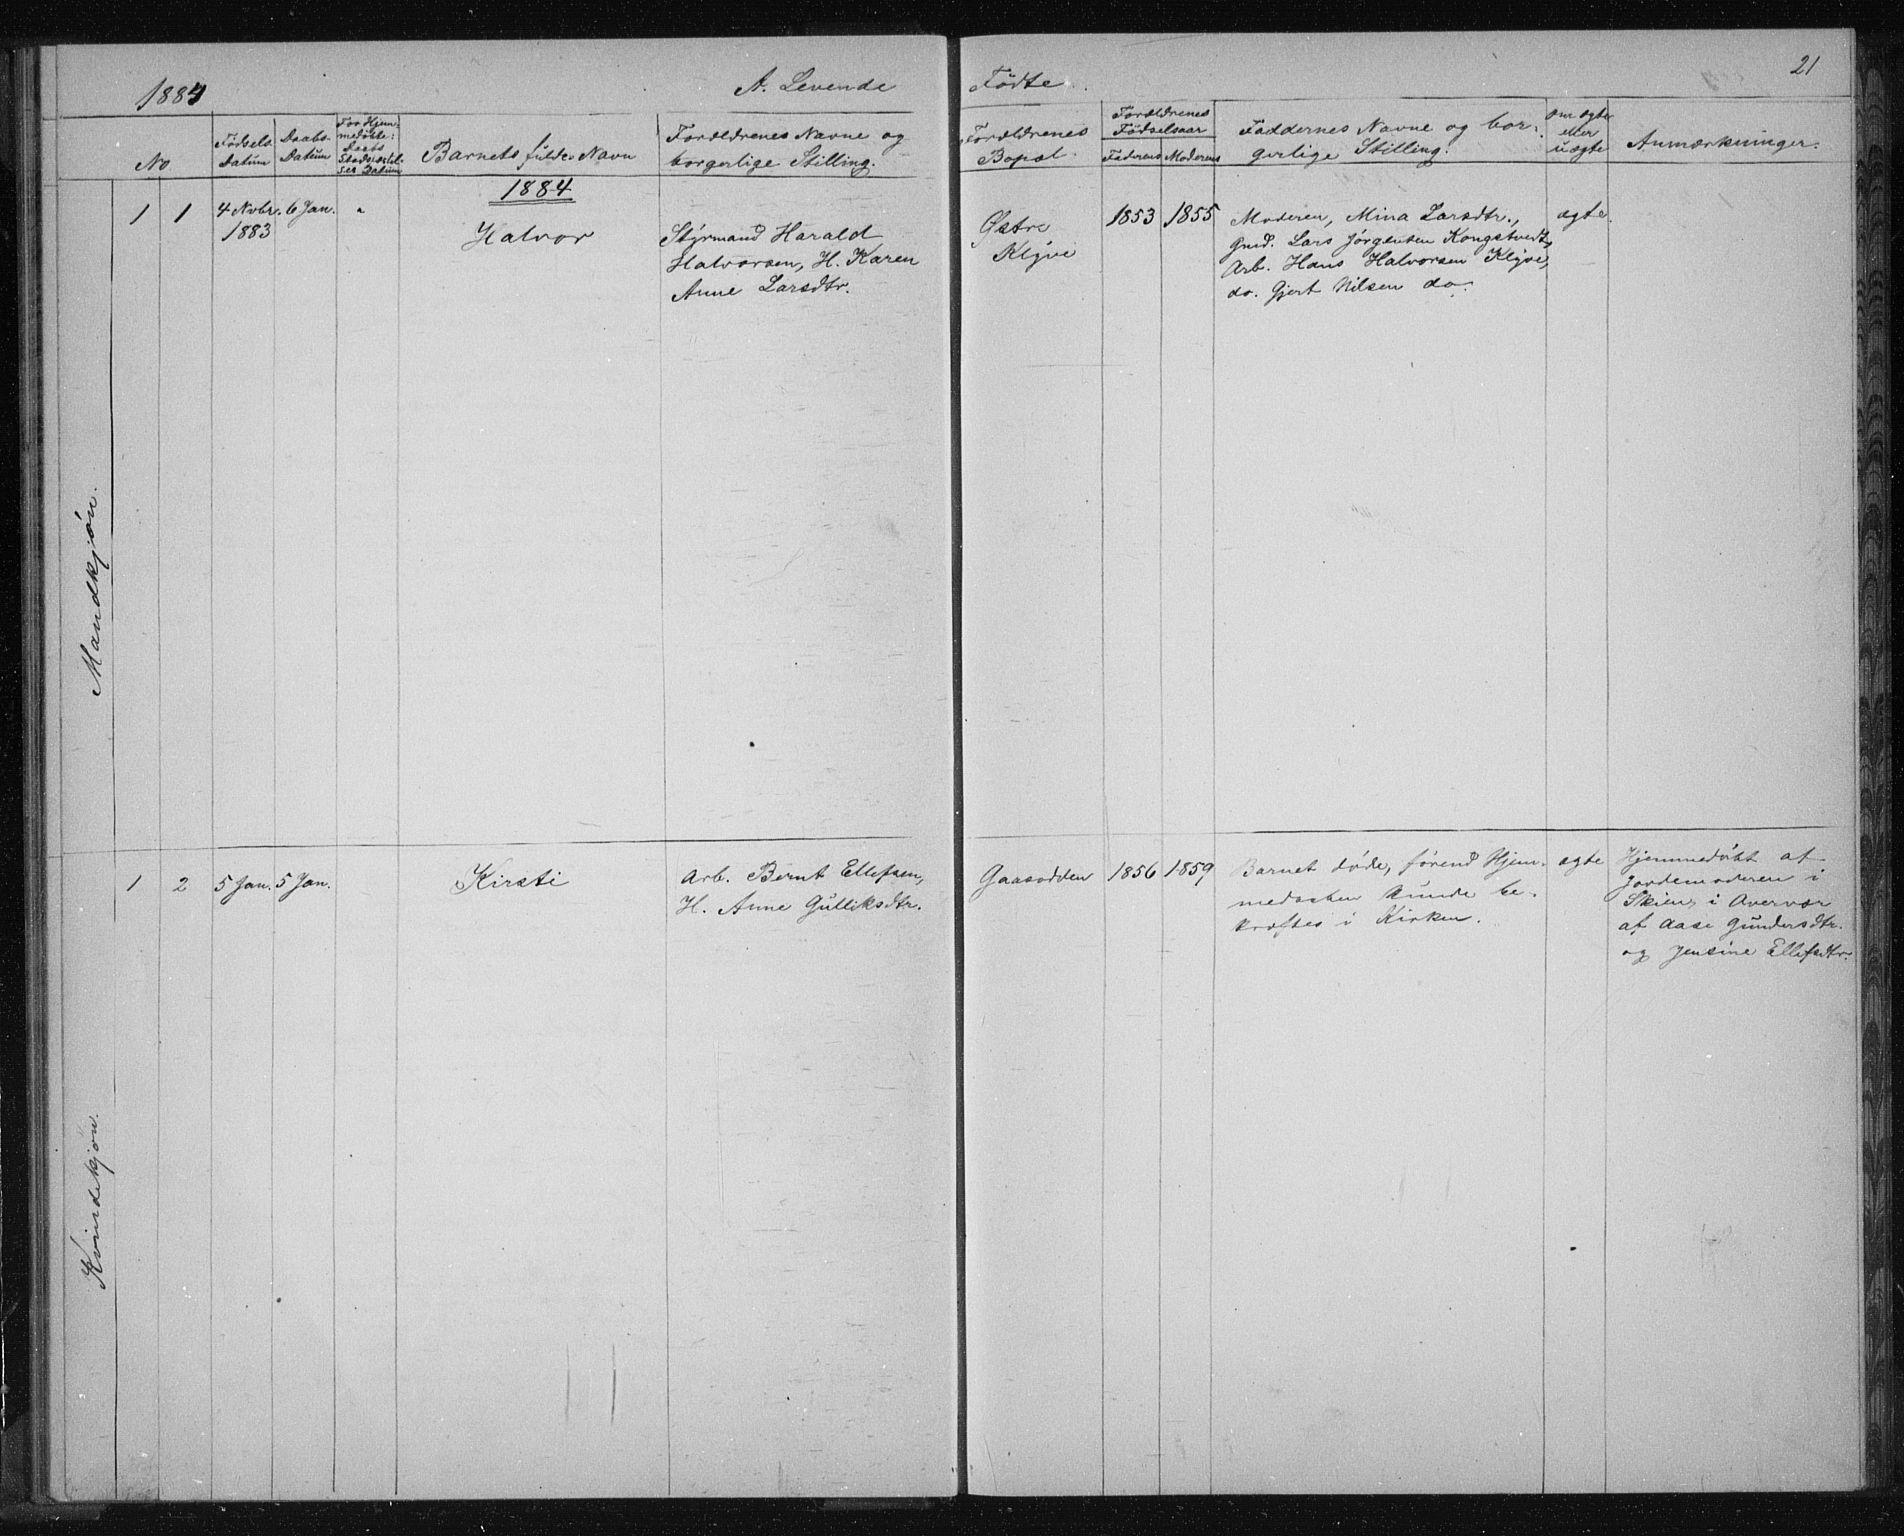 SAKO, Solum kirkebøker, G/Ga/L0006: Klokkerbok nr. I 6, 1882-1883, s. 21